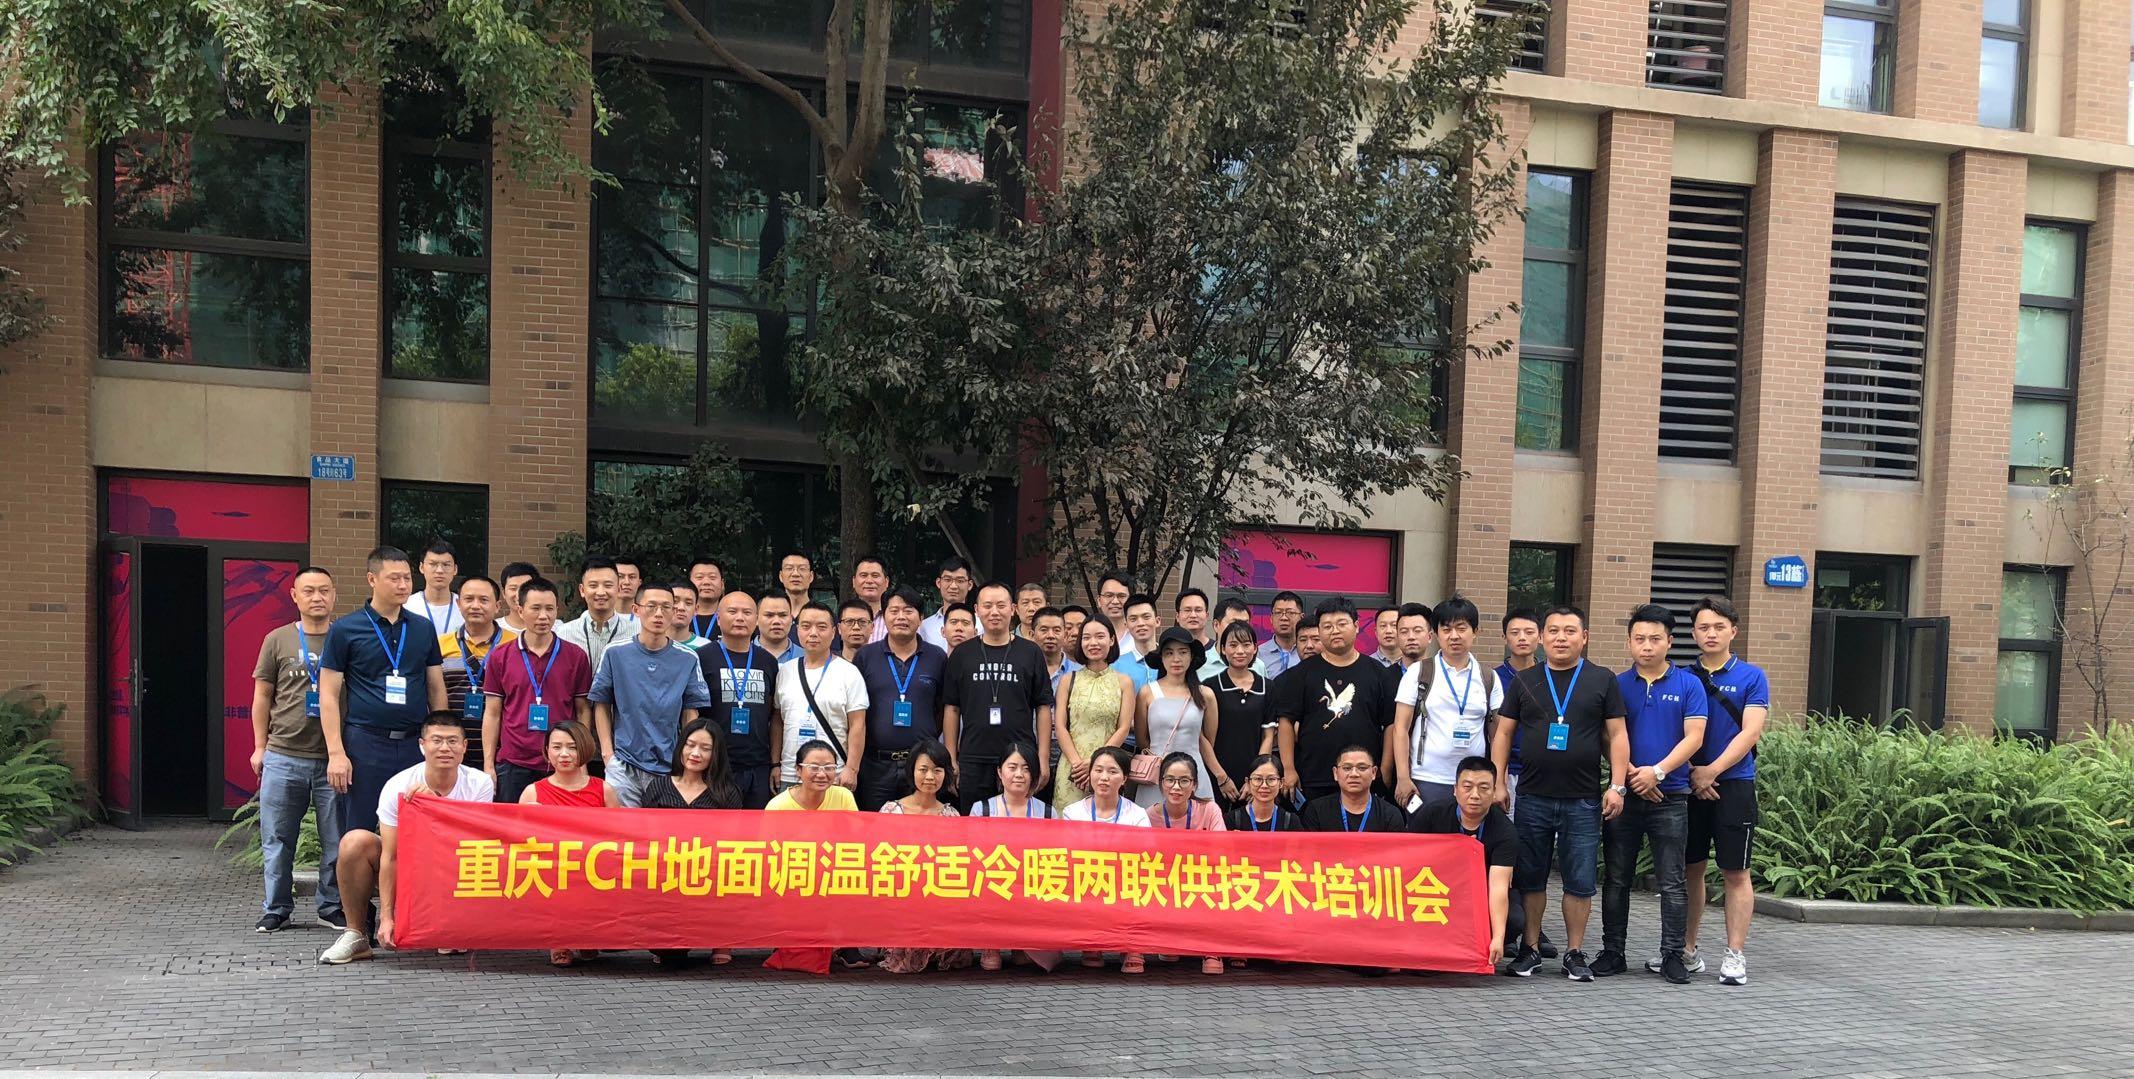 重庆博林嘉润机电安装工程有限公司_联英人才网_hrm.cn